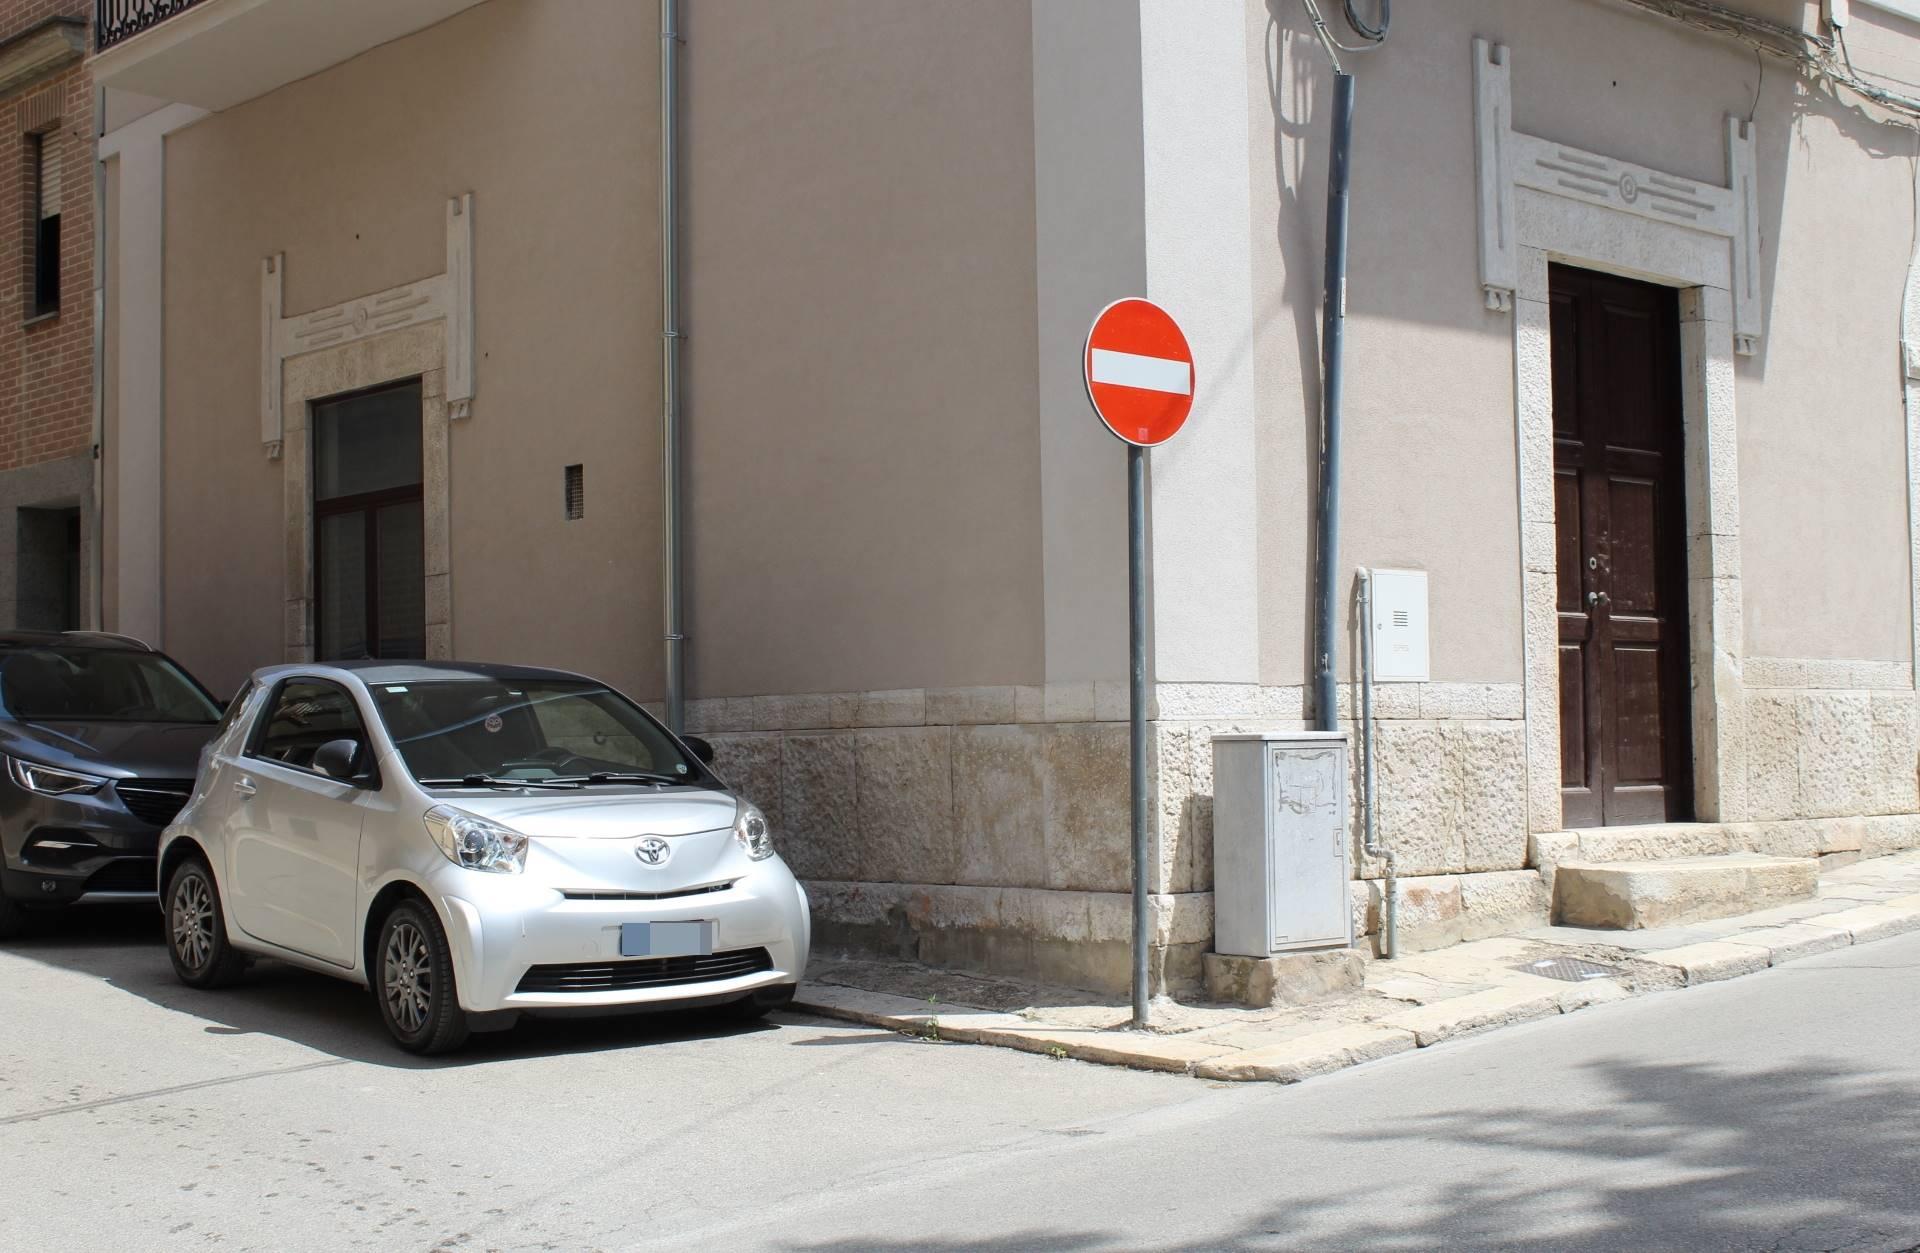 Immobile Commerciale in affitto a Canosa di Puglia, 9999 locali, prezzo € 400   PortaleAgenzieImmobiliari.it